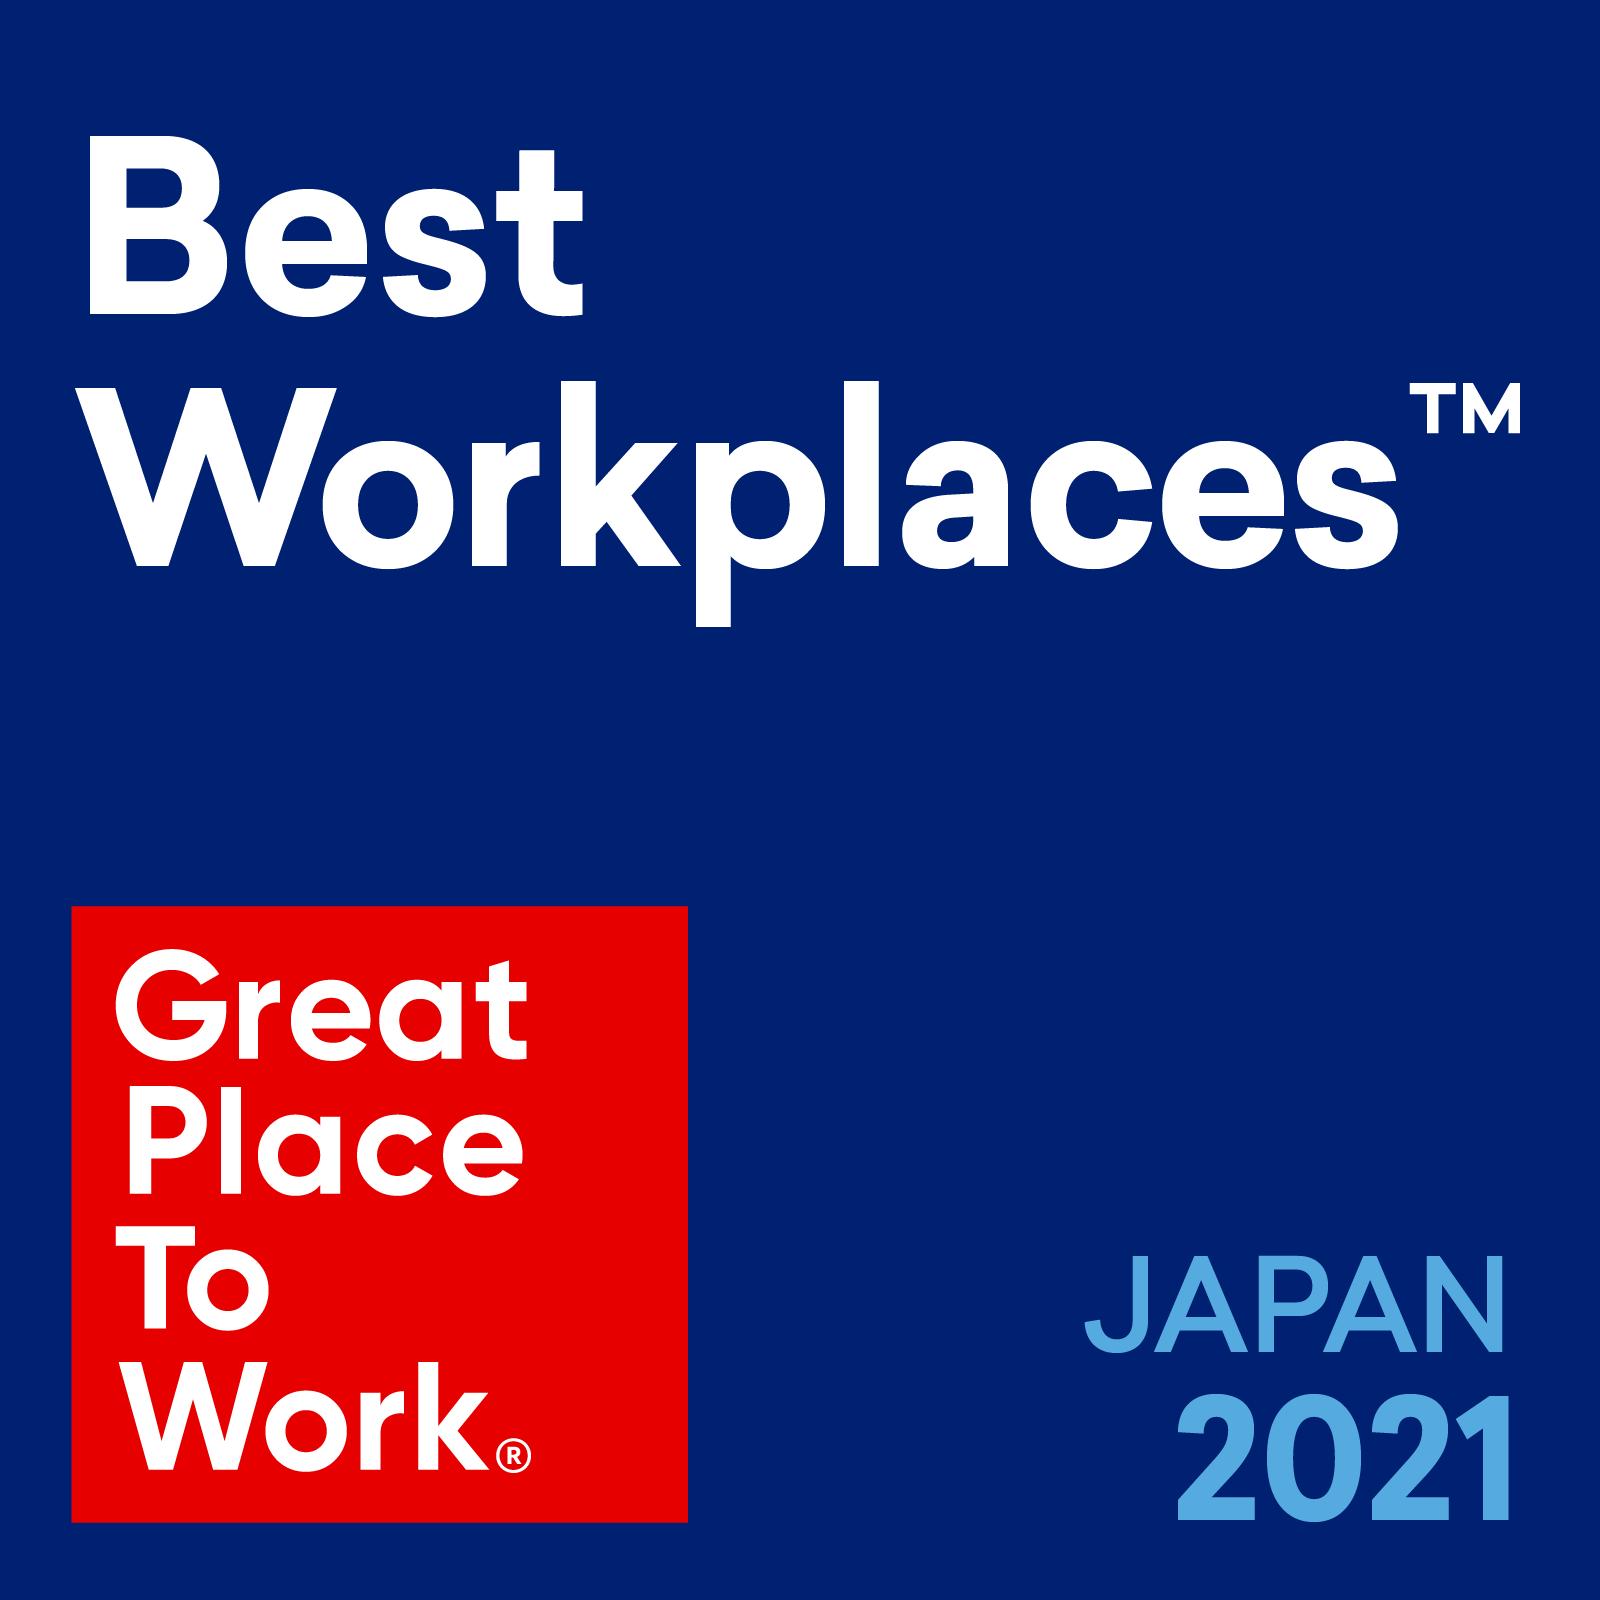 サーバーワークス、2021年版「働きがいのある会社」ランキングに4年連続で選出